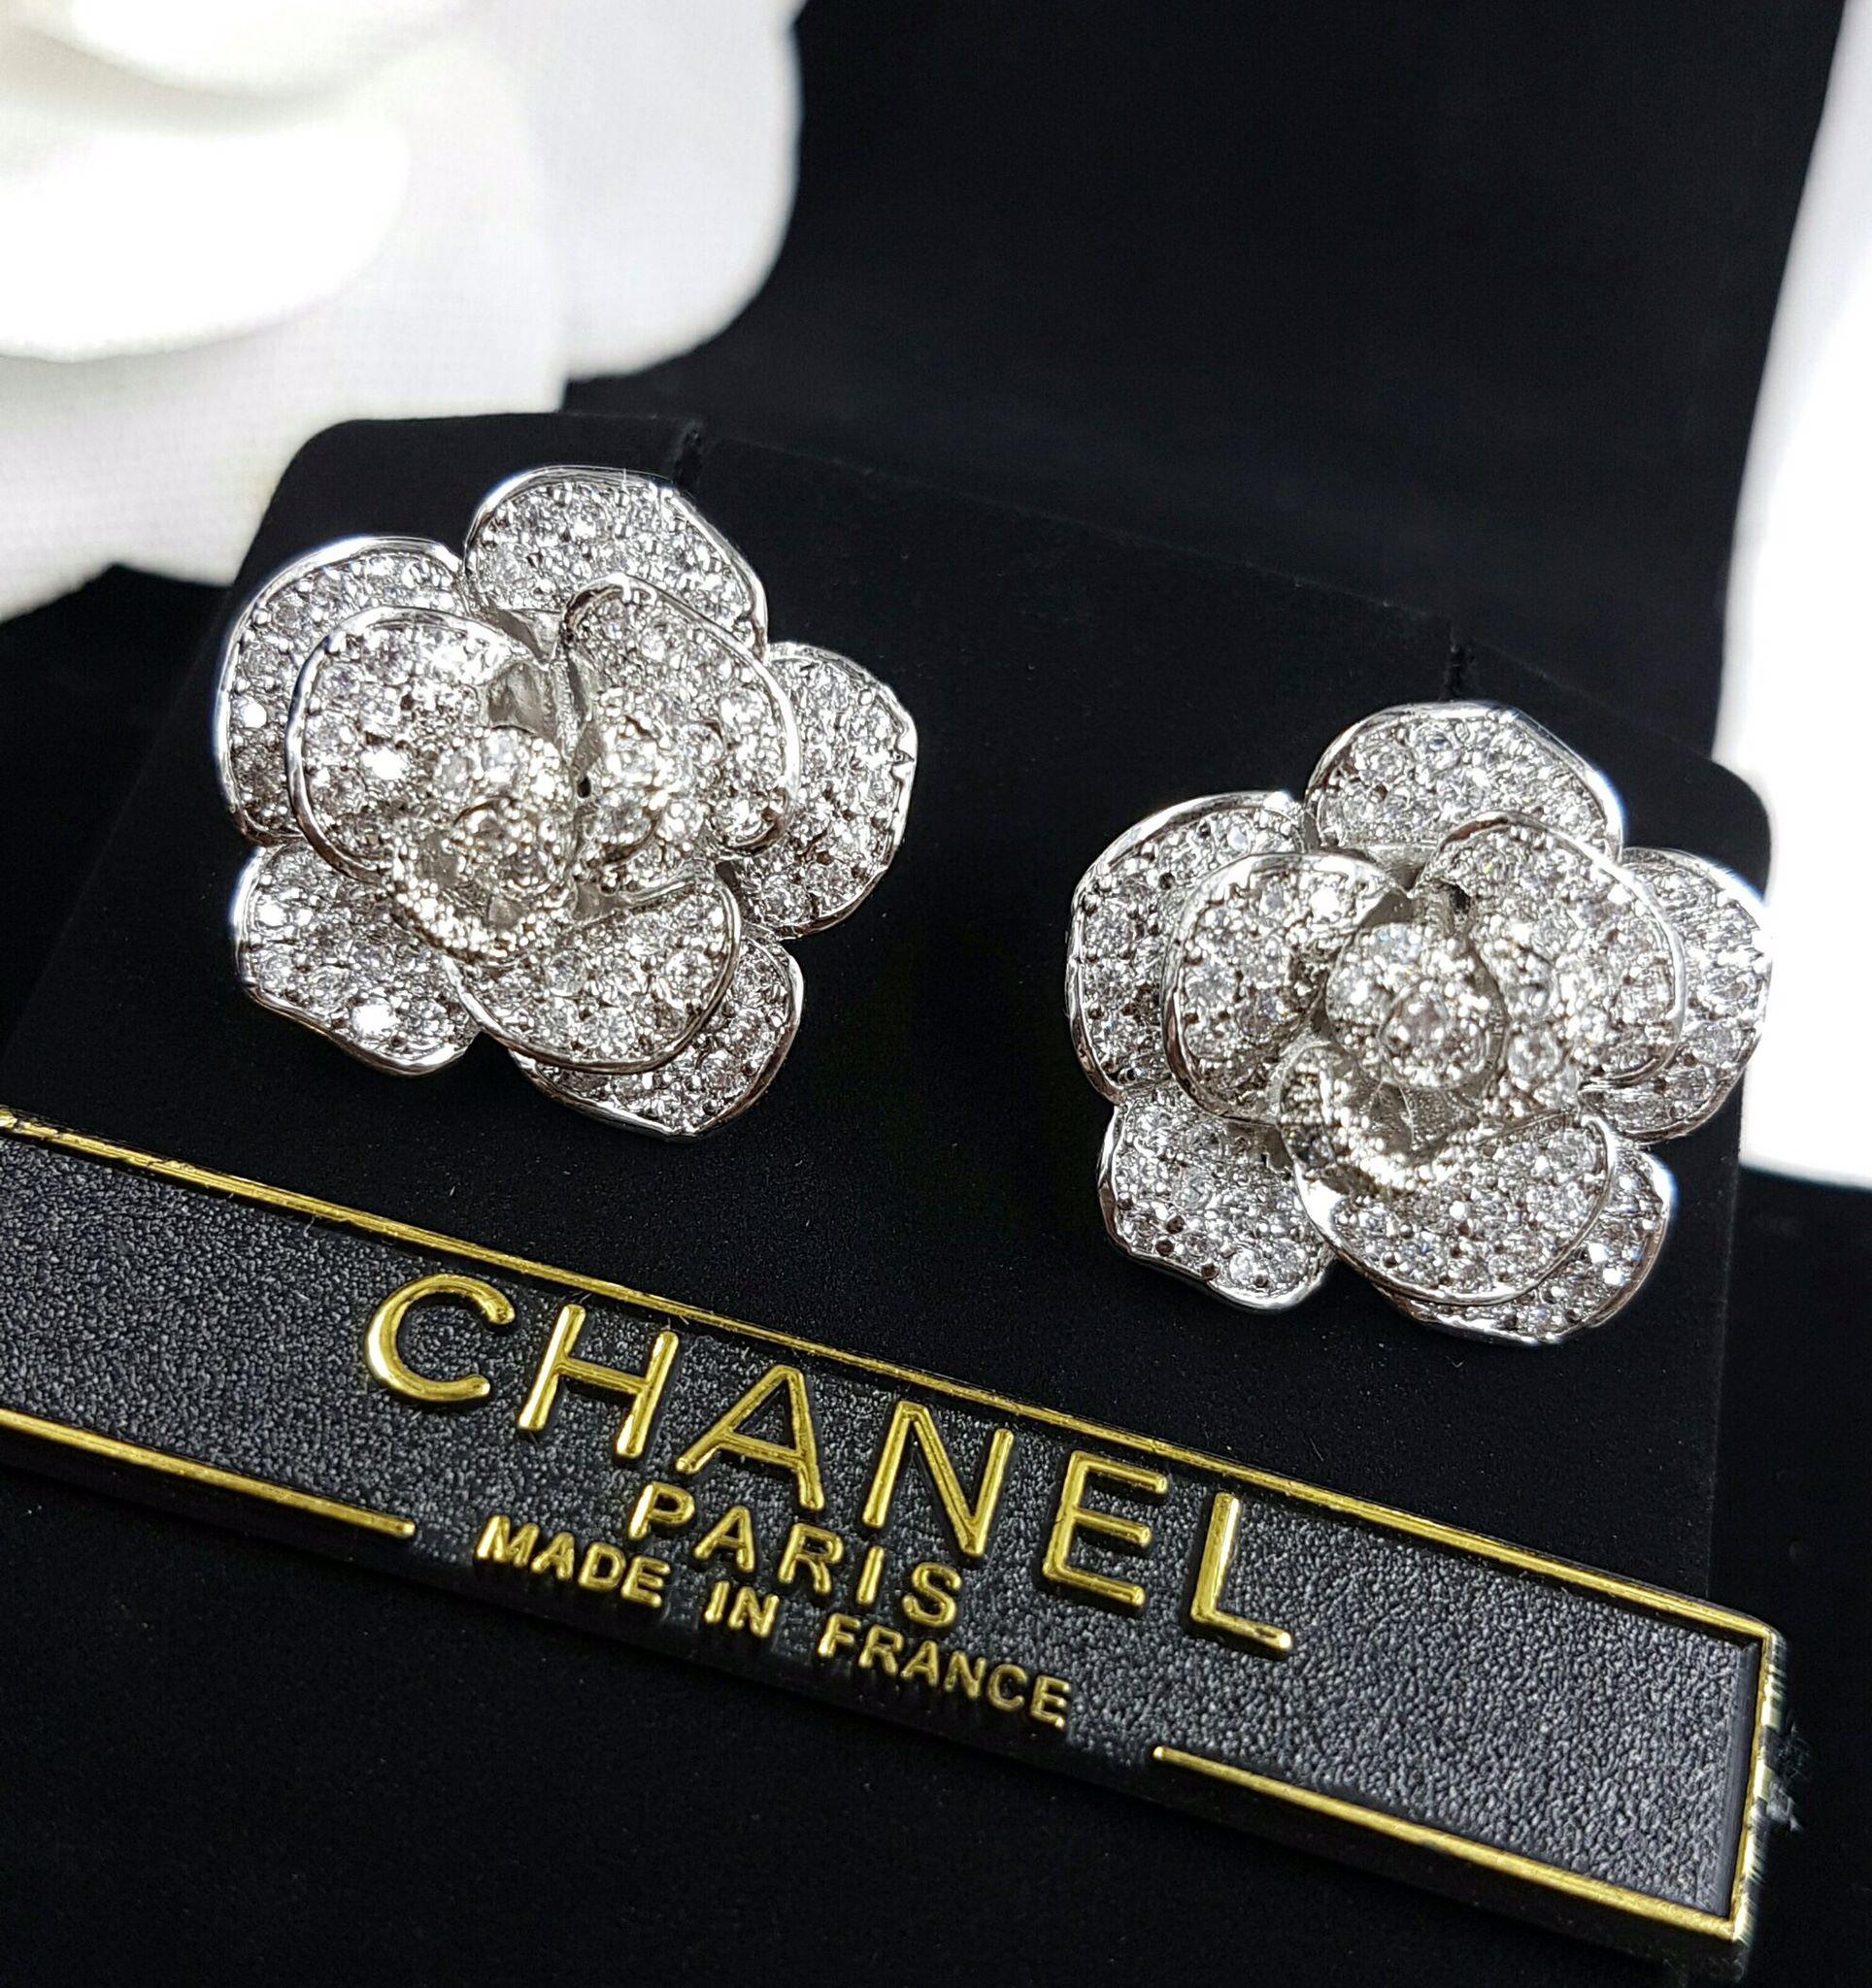 พร้อมส่ง Rose Diamond Earring ต่างหูทรงกุหลาบ designจากยี่ห้อPiaget